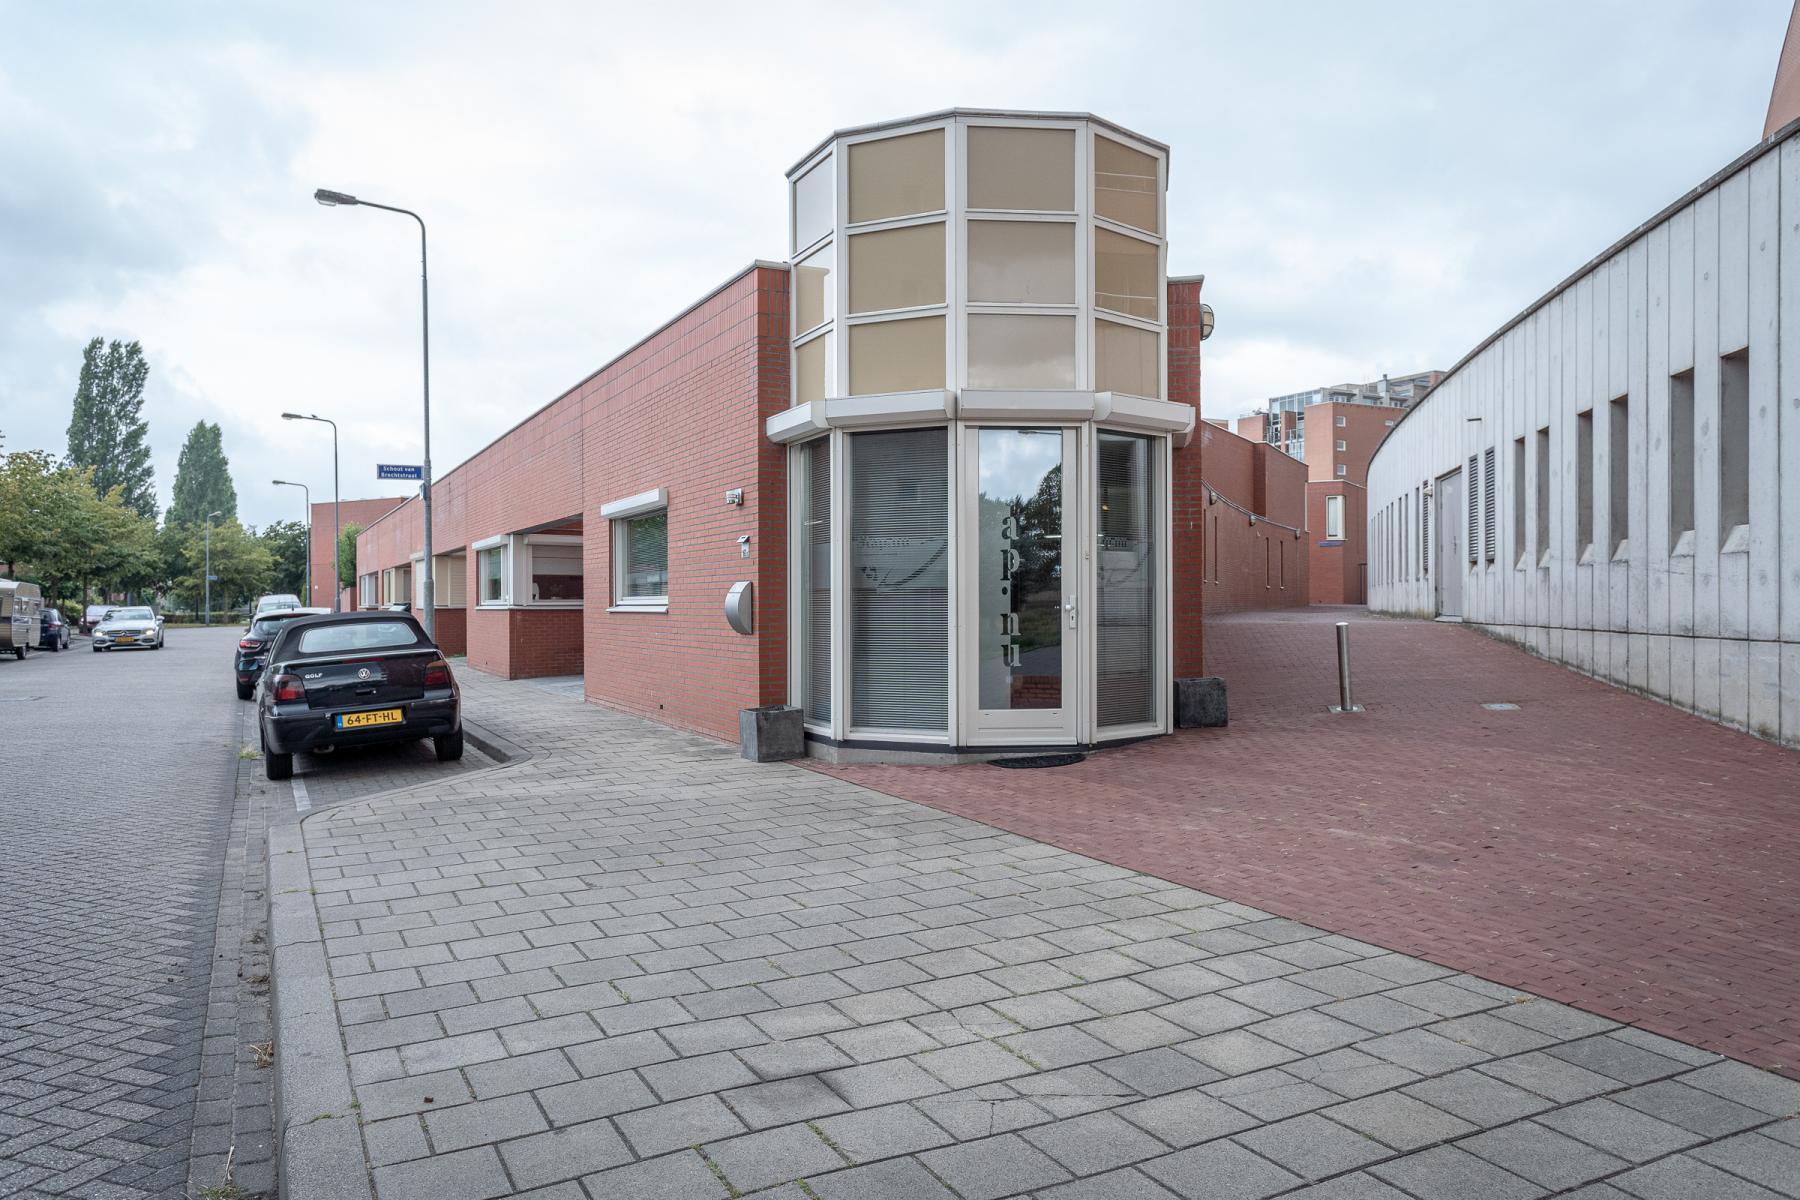 Kantoorruimte huren Schout van Haestrechtsingel 160a, 's-Hertogenbosch (3)